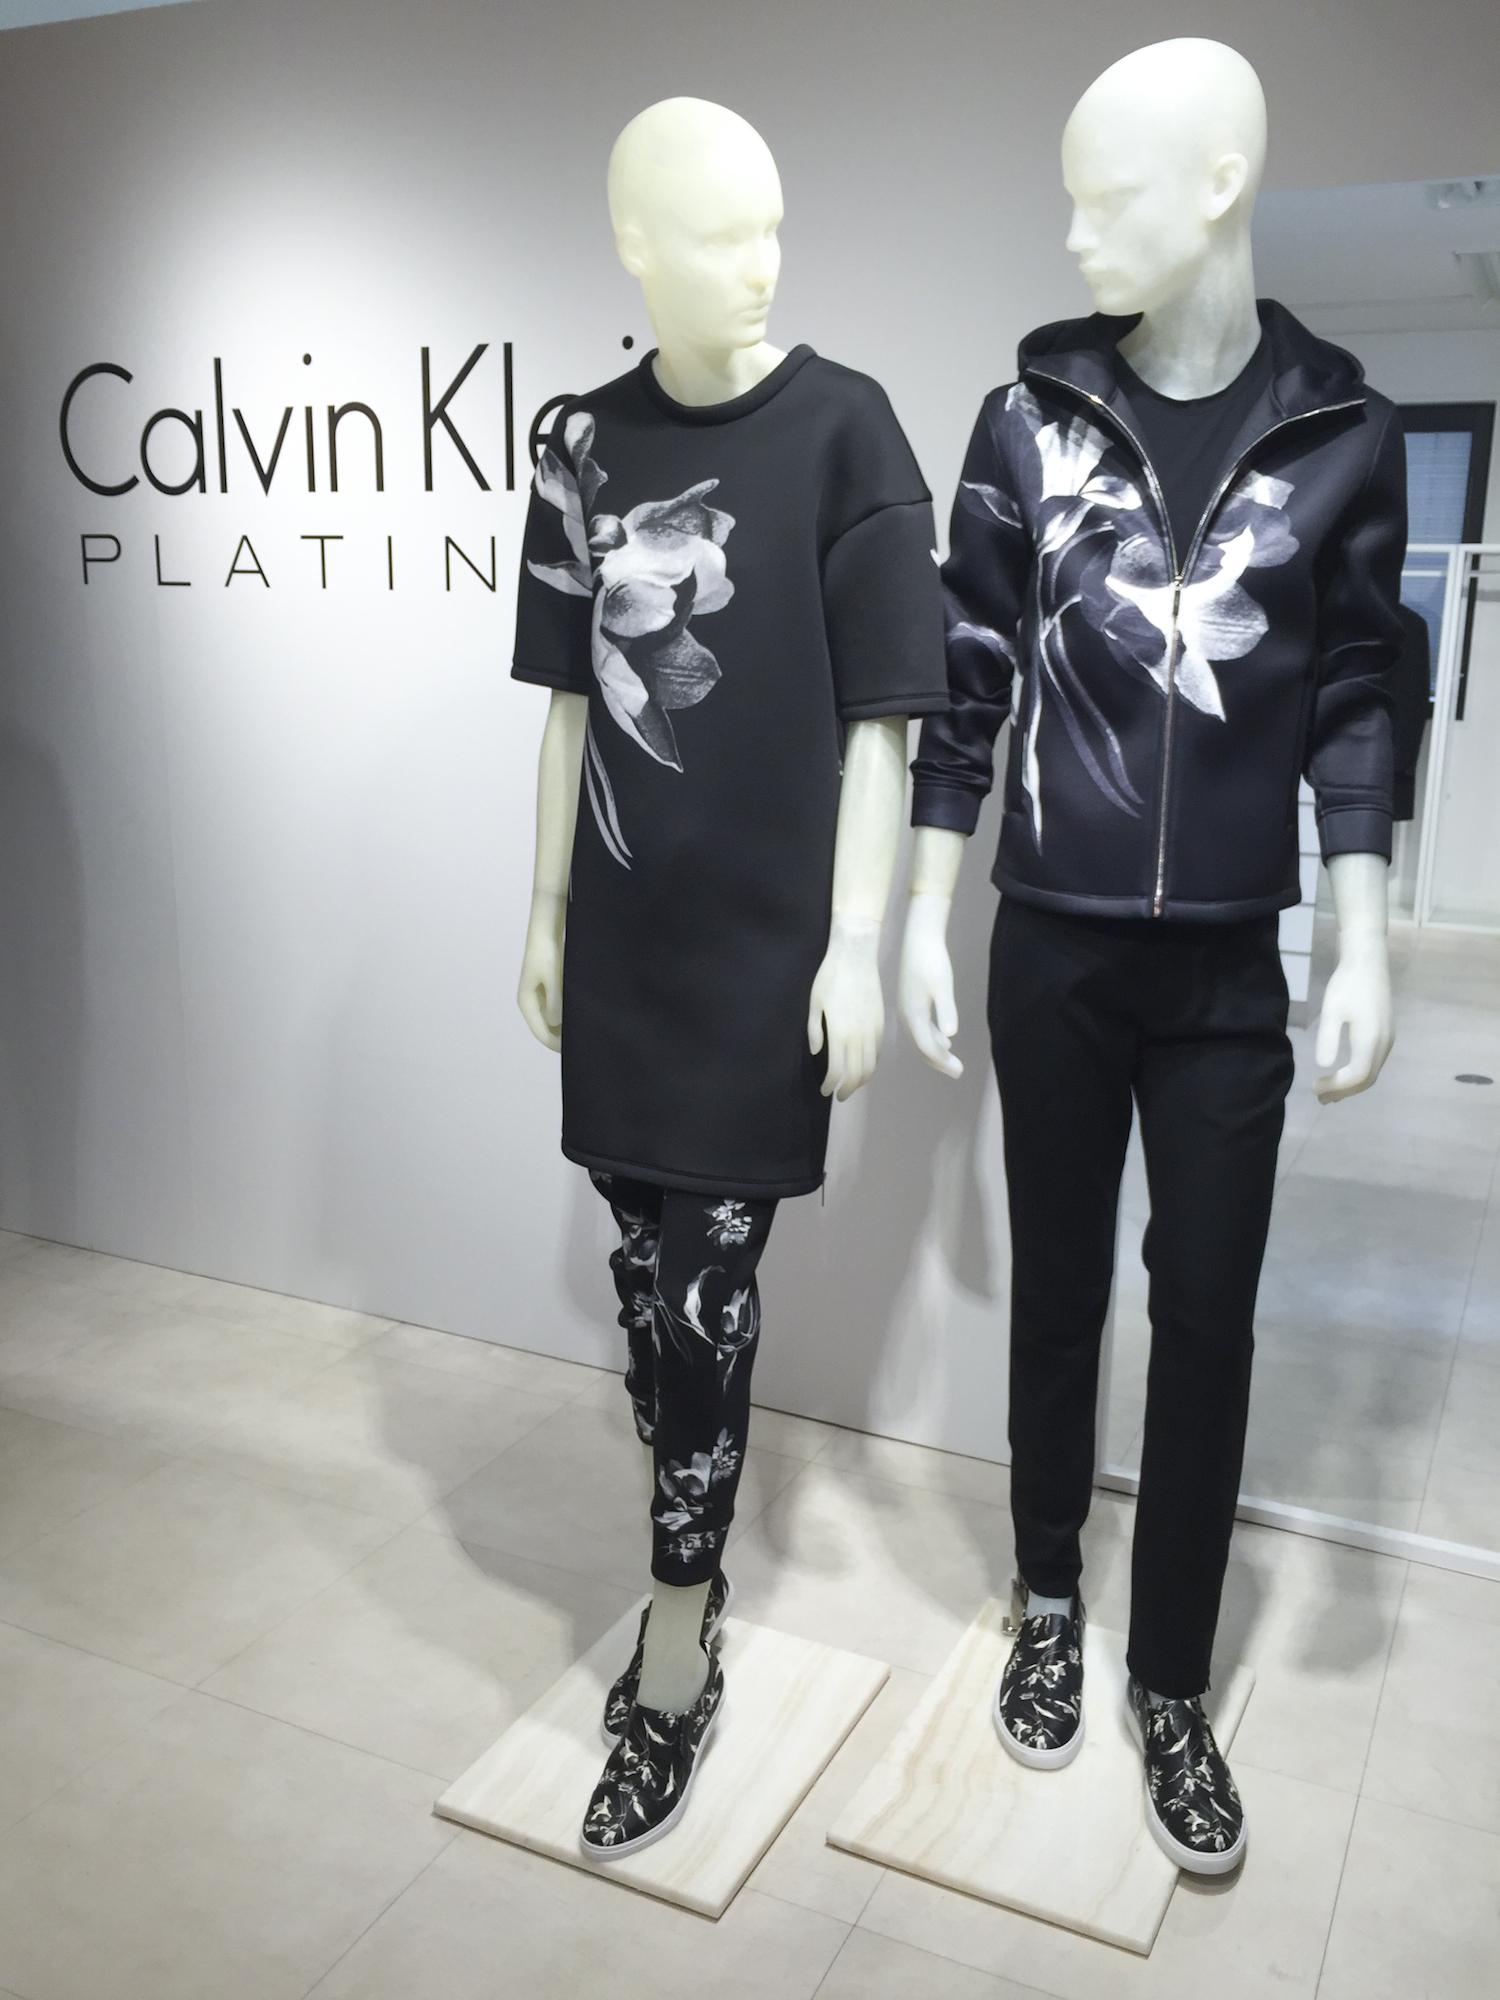 Calvin Klein PLATINUM Floral Exposure_6